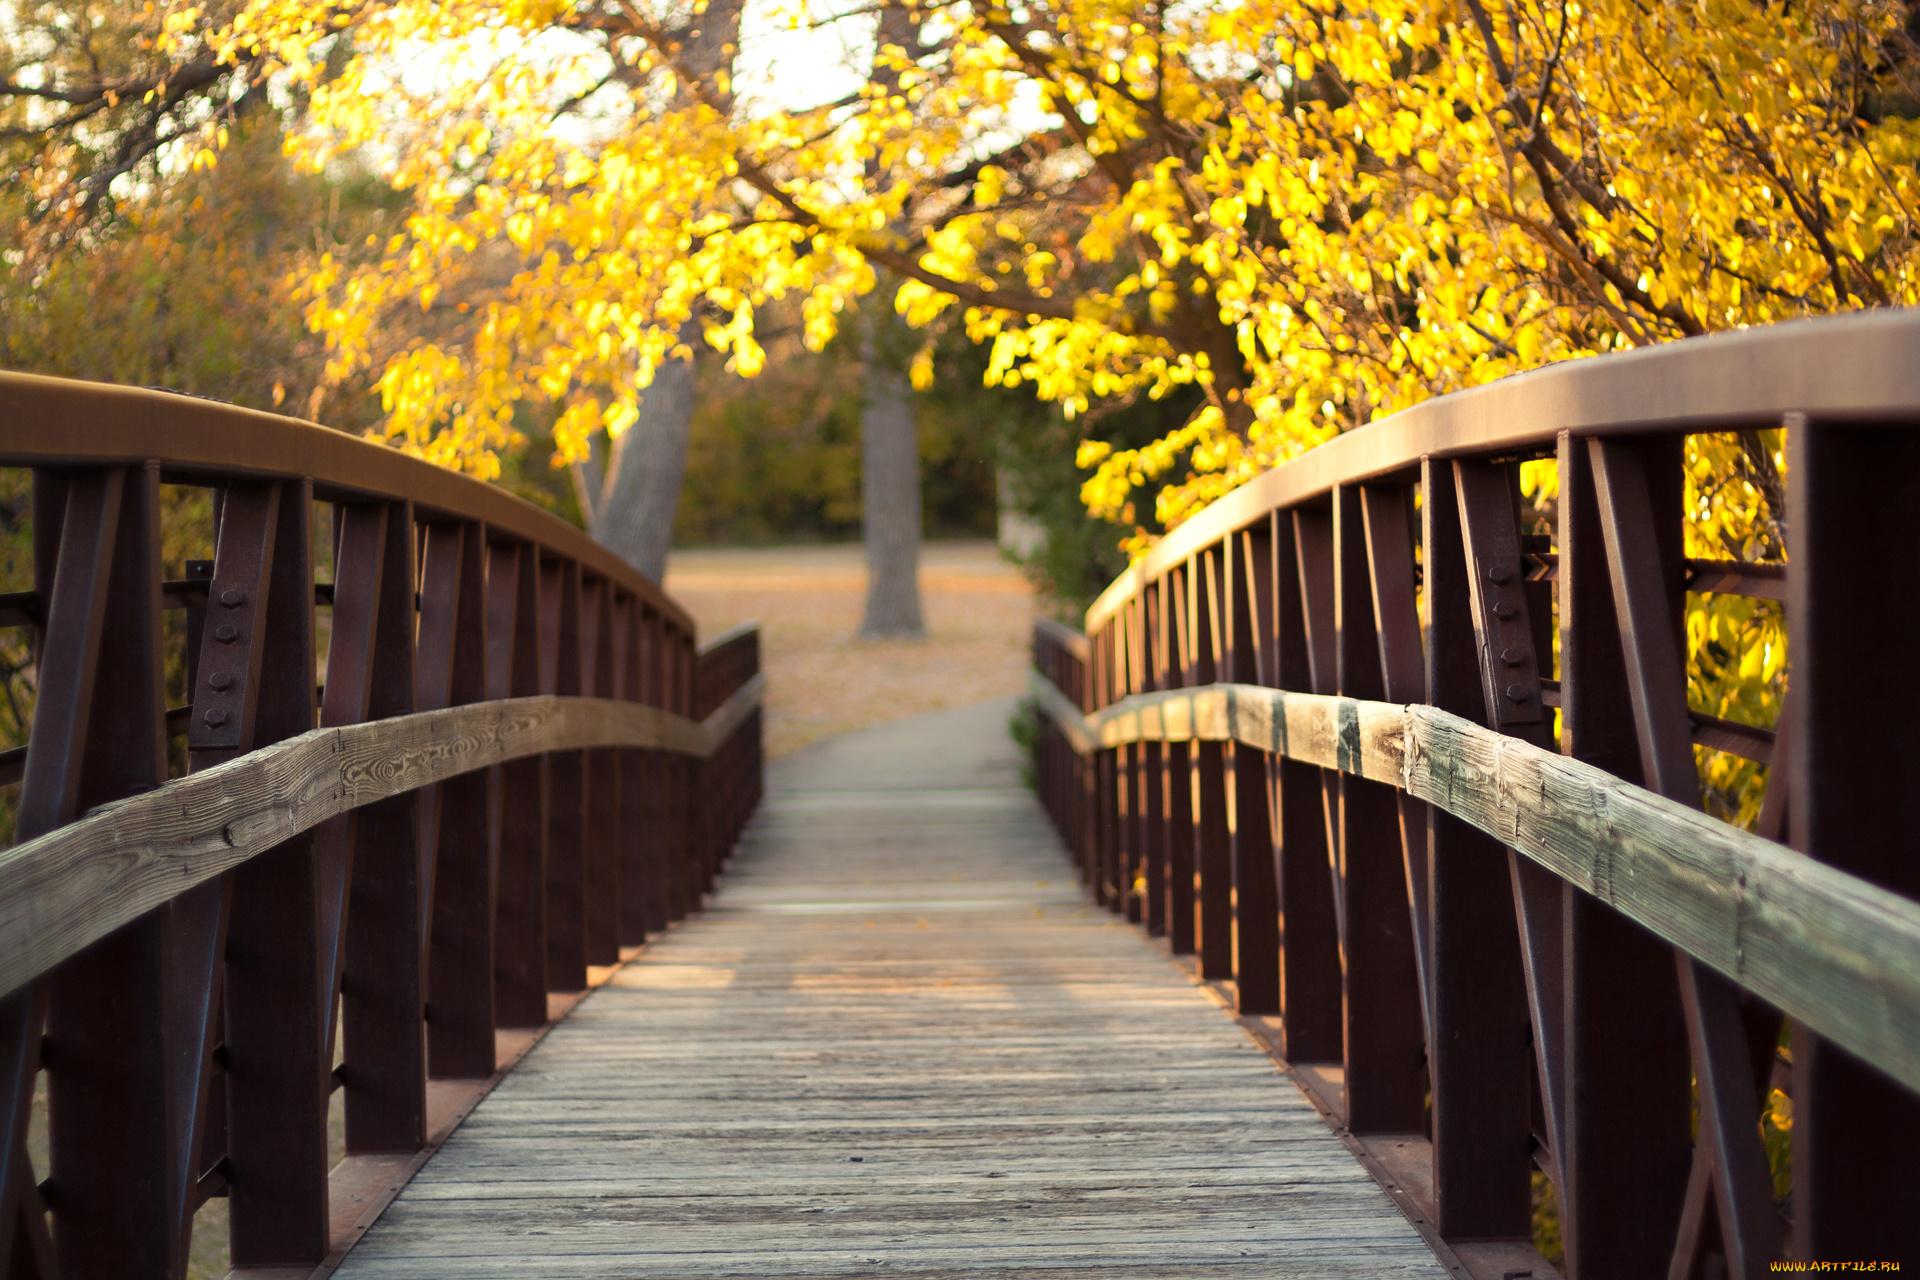 архитектура мост природа деревья бесплатно